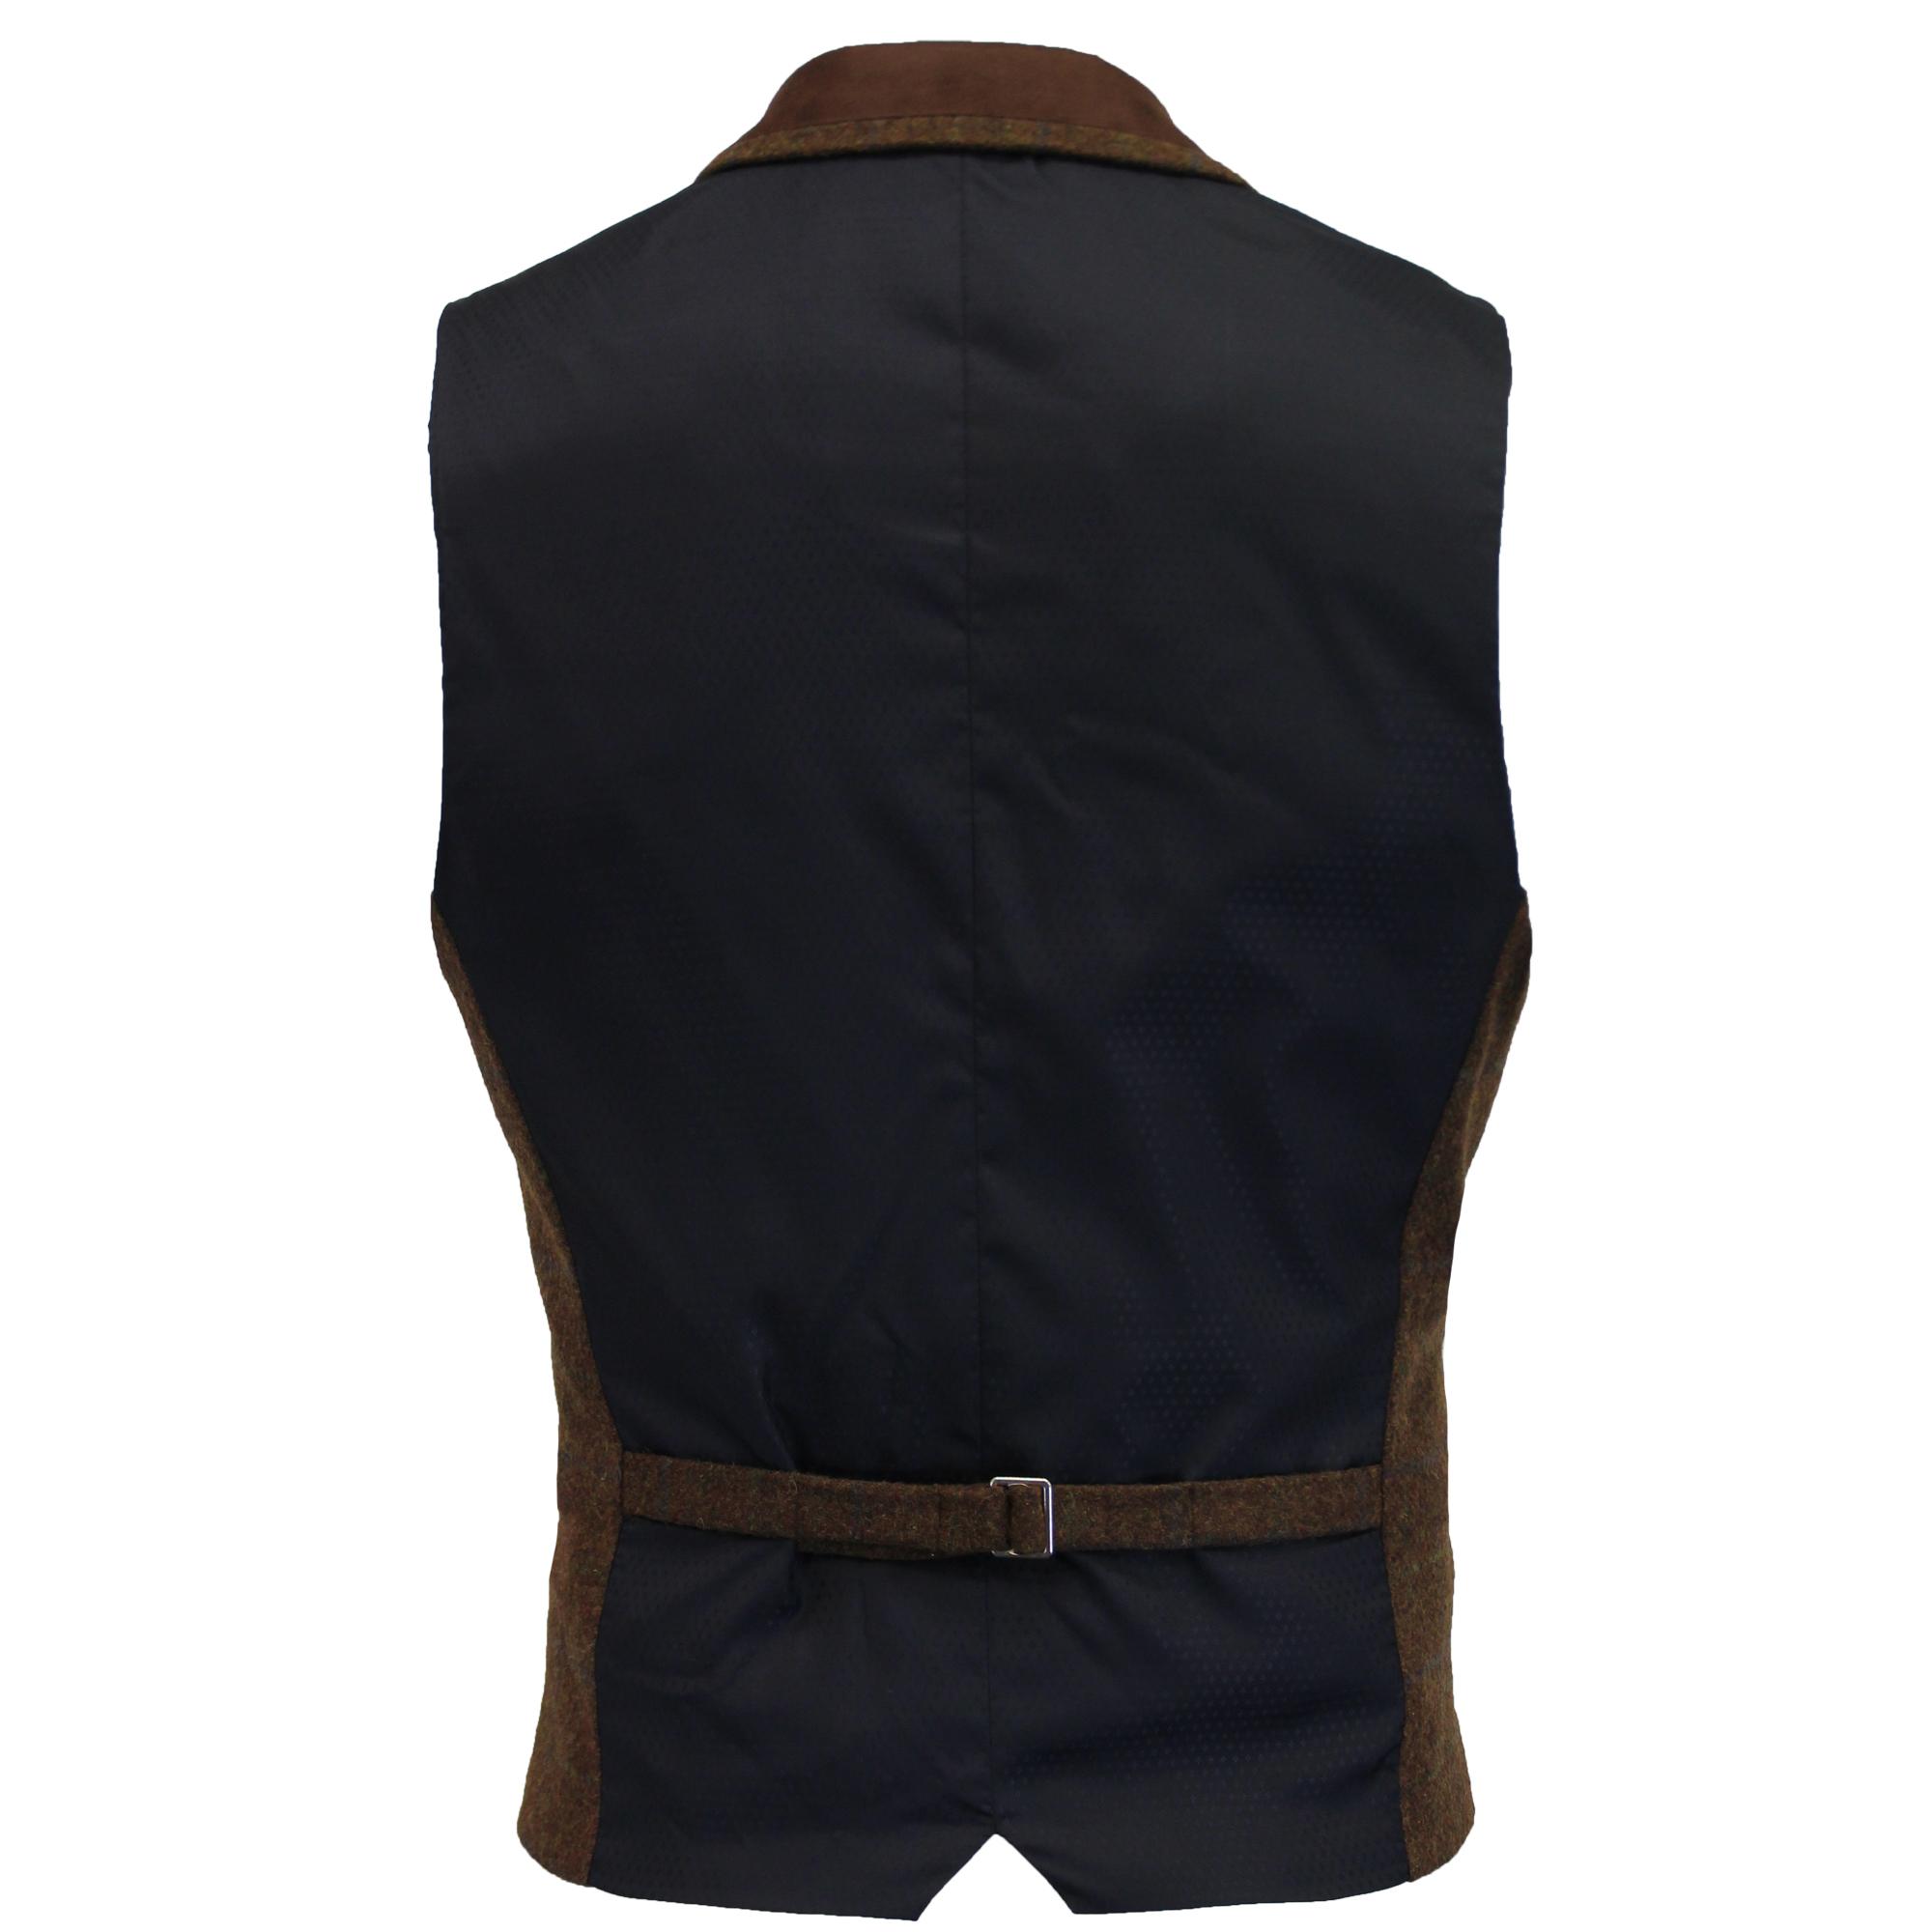 Mezcla-de-lana-para-hombre-mareno-Chaleco-Chaleco-Formal-Herringbone-Tweed-Cuadros-Forrado-de miniatura 33